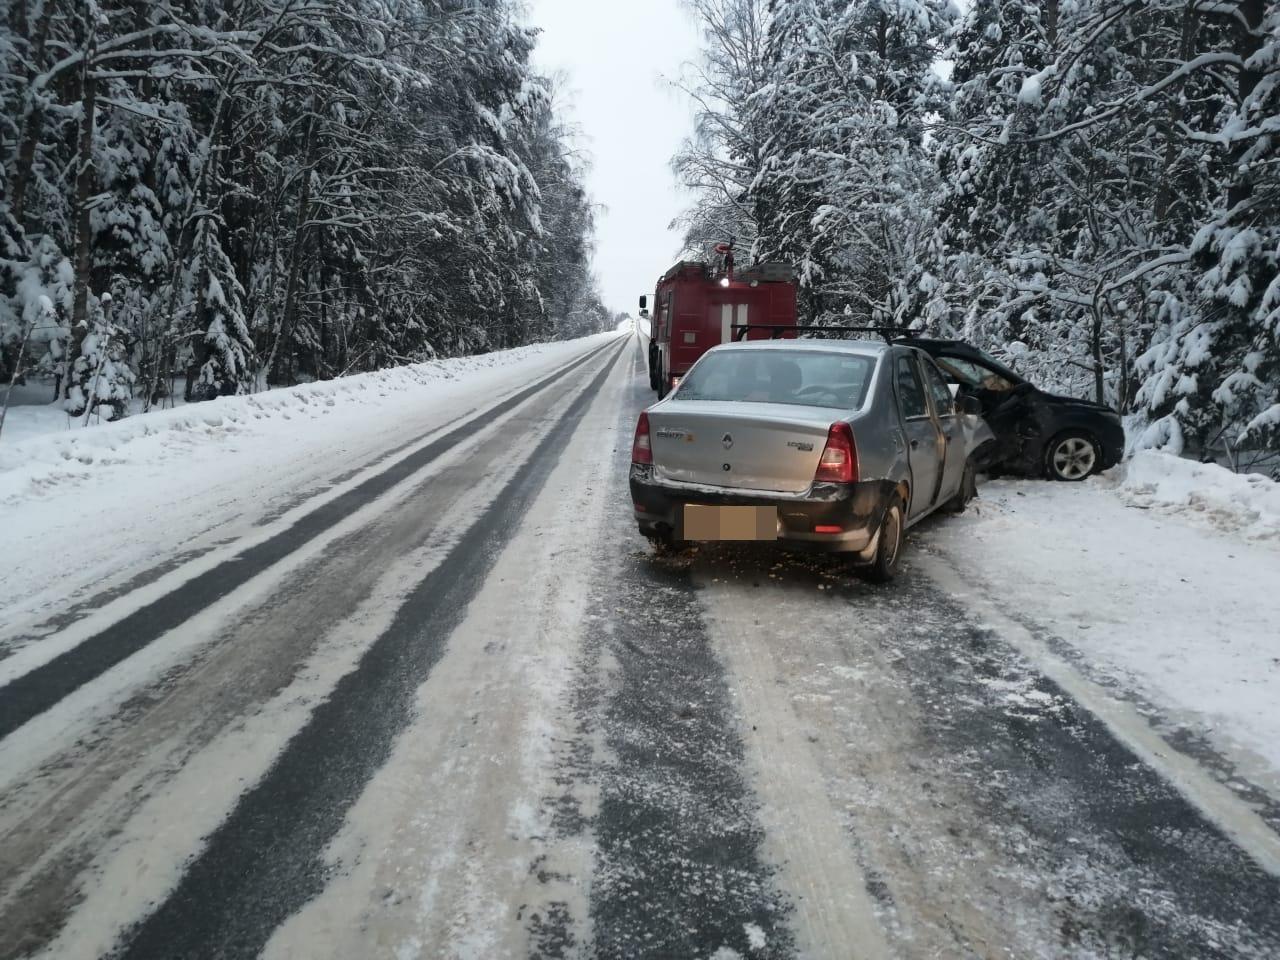 Появились фотографии ДТП с 4 пострадавшими в Тверской области